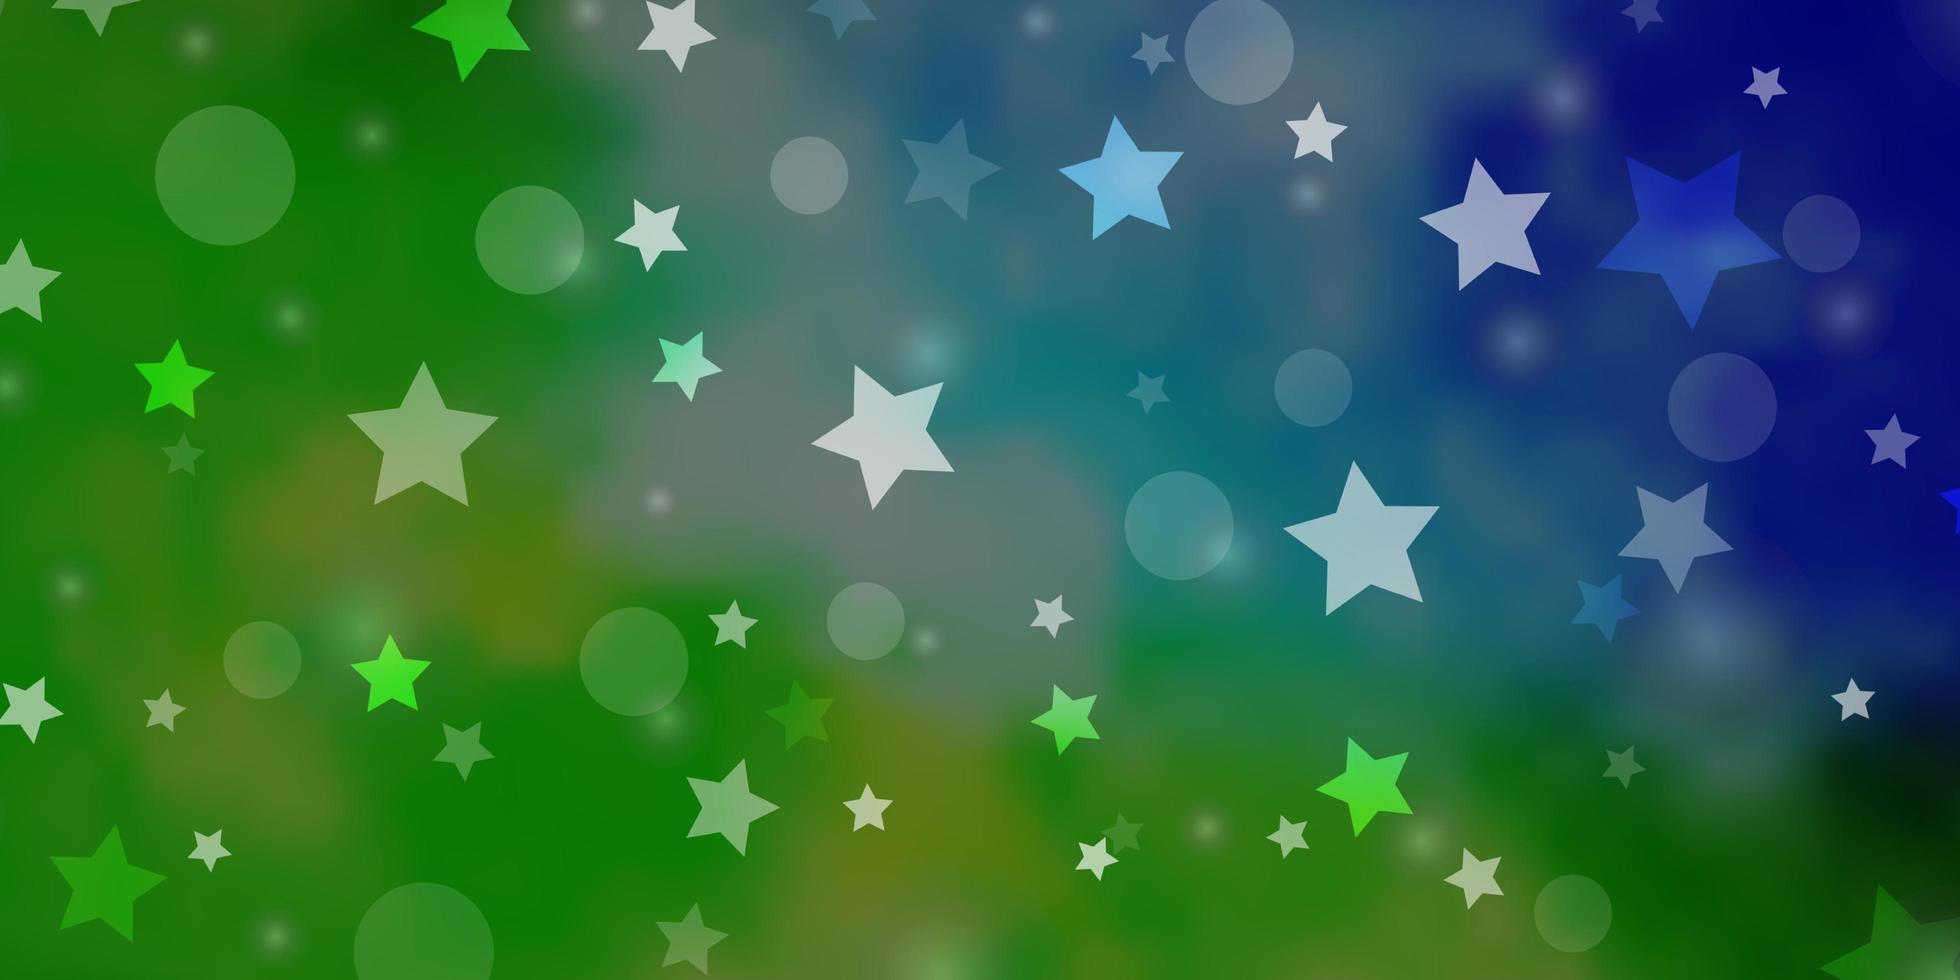 lichtblauw, groen vectorpatroon met cirkels, sterren vector